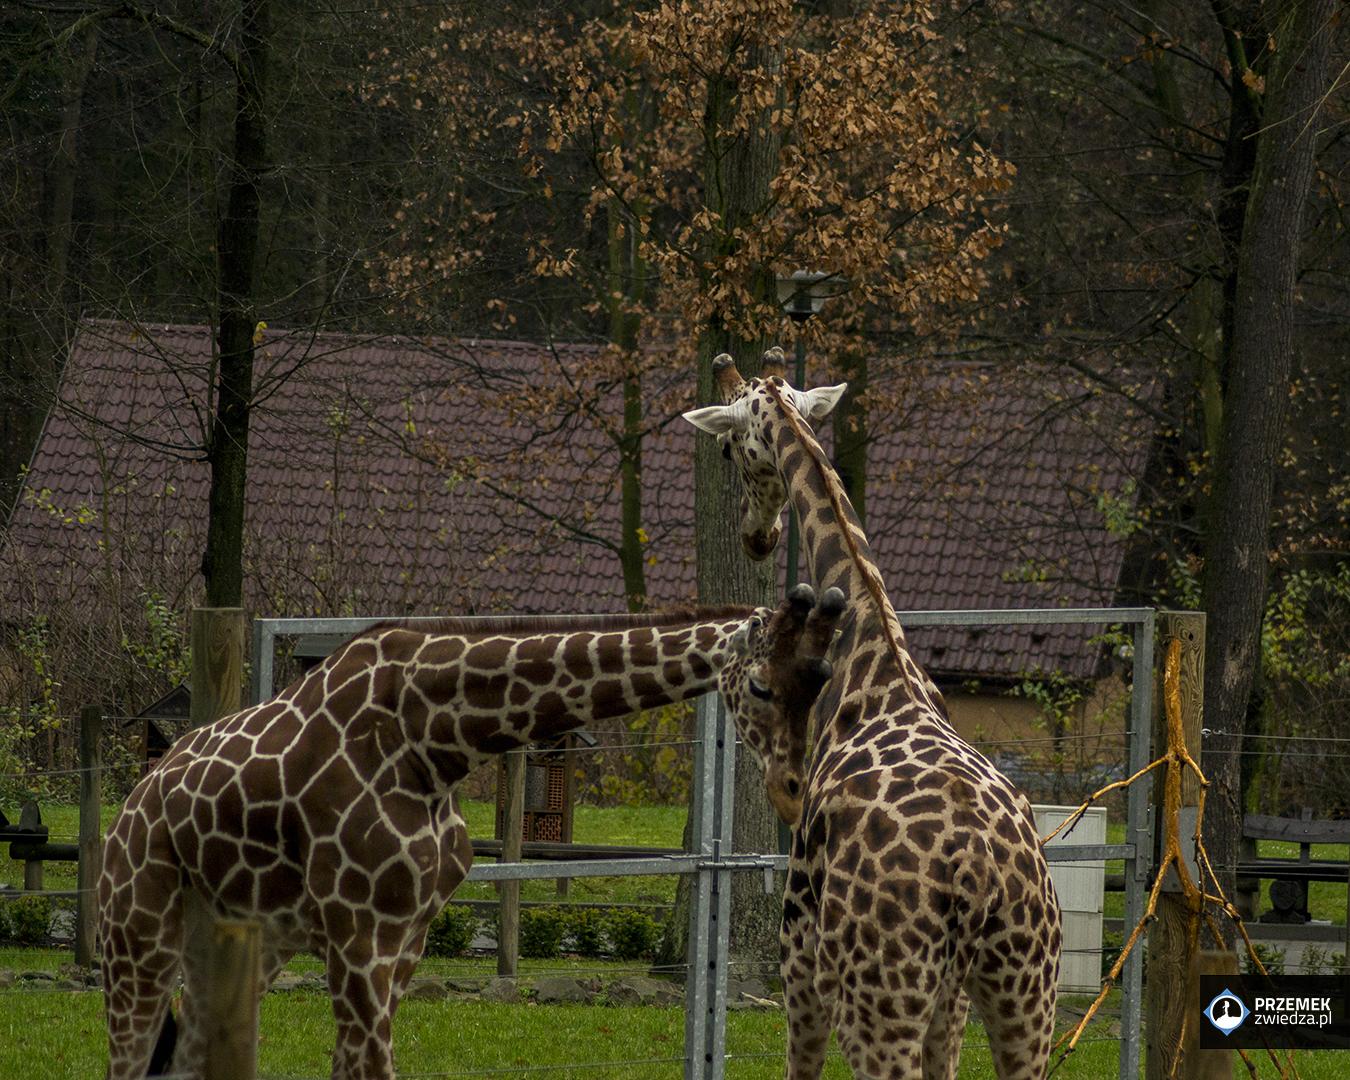 Żyrafa siatkowana i żyrafa Rothschilda